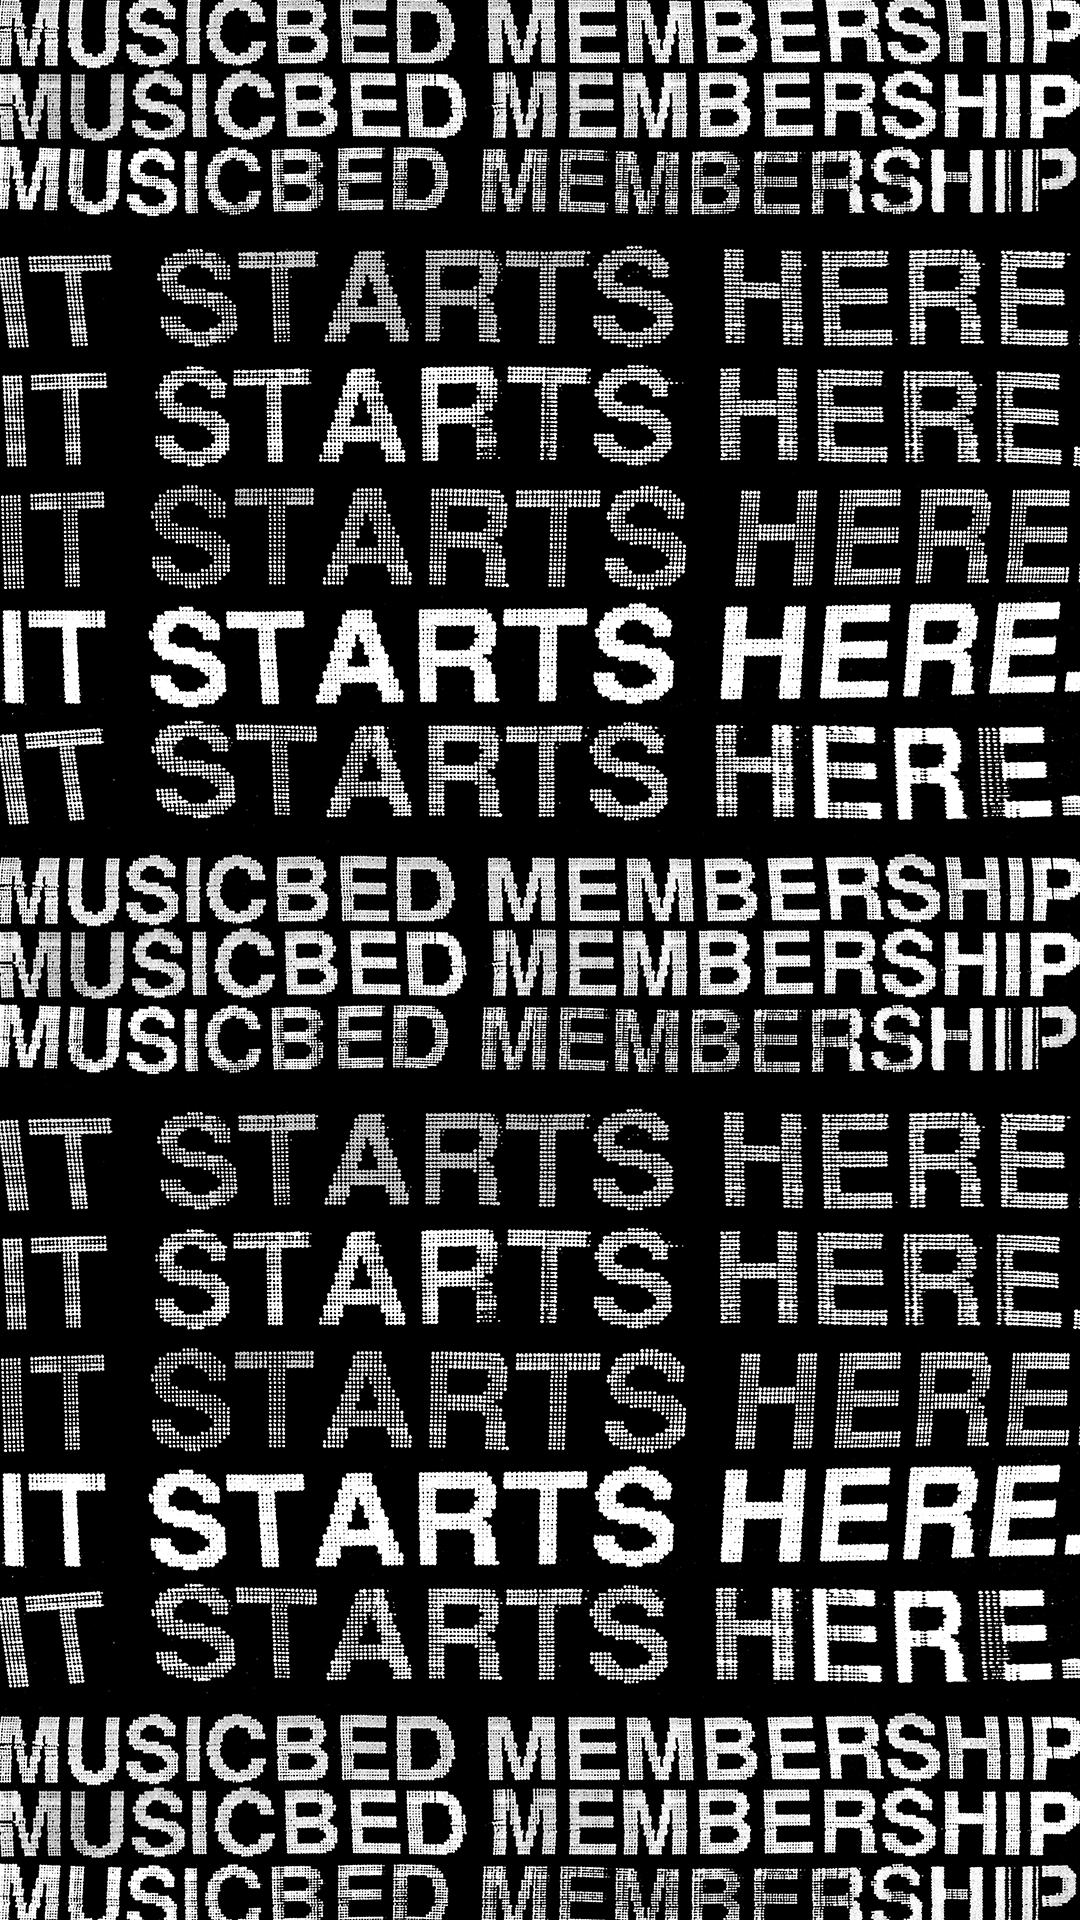 MusicbedMembership-IGStories-3.jpg